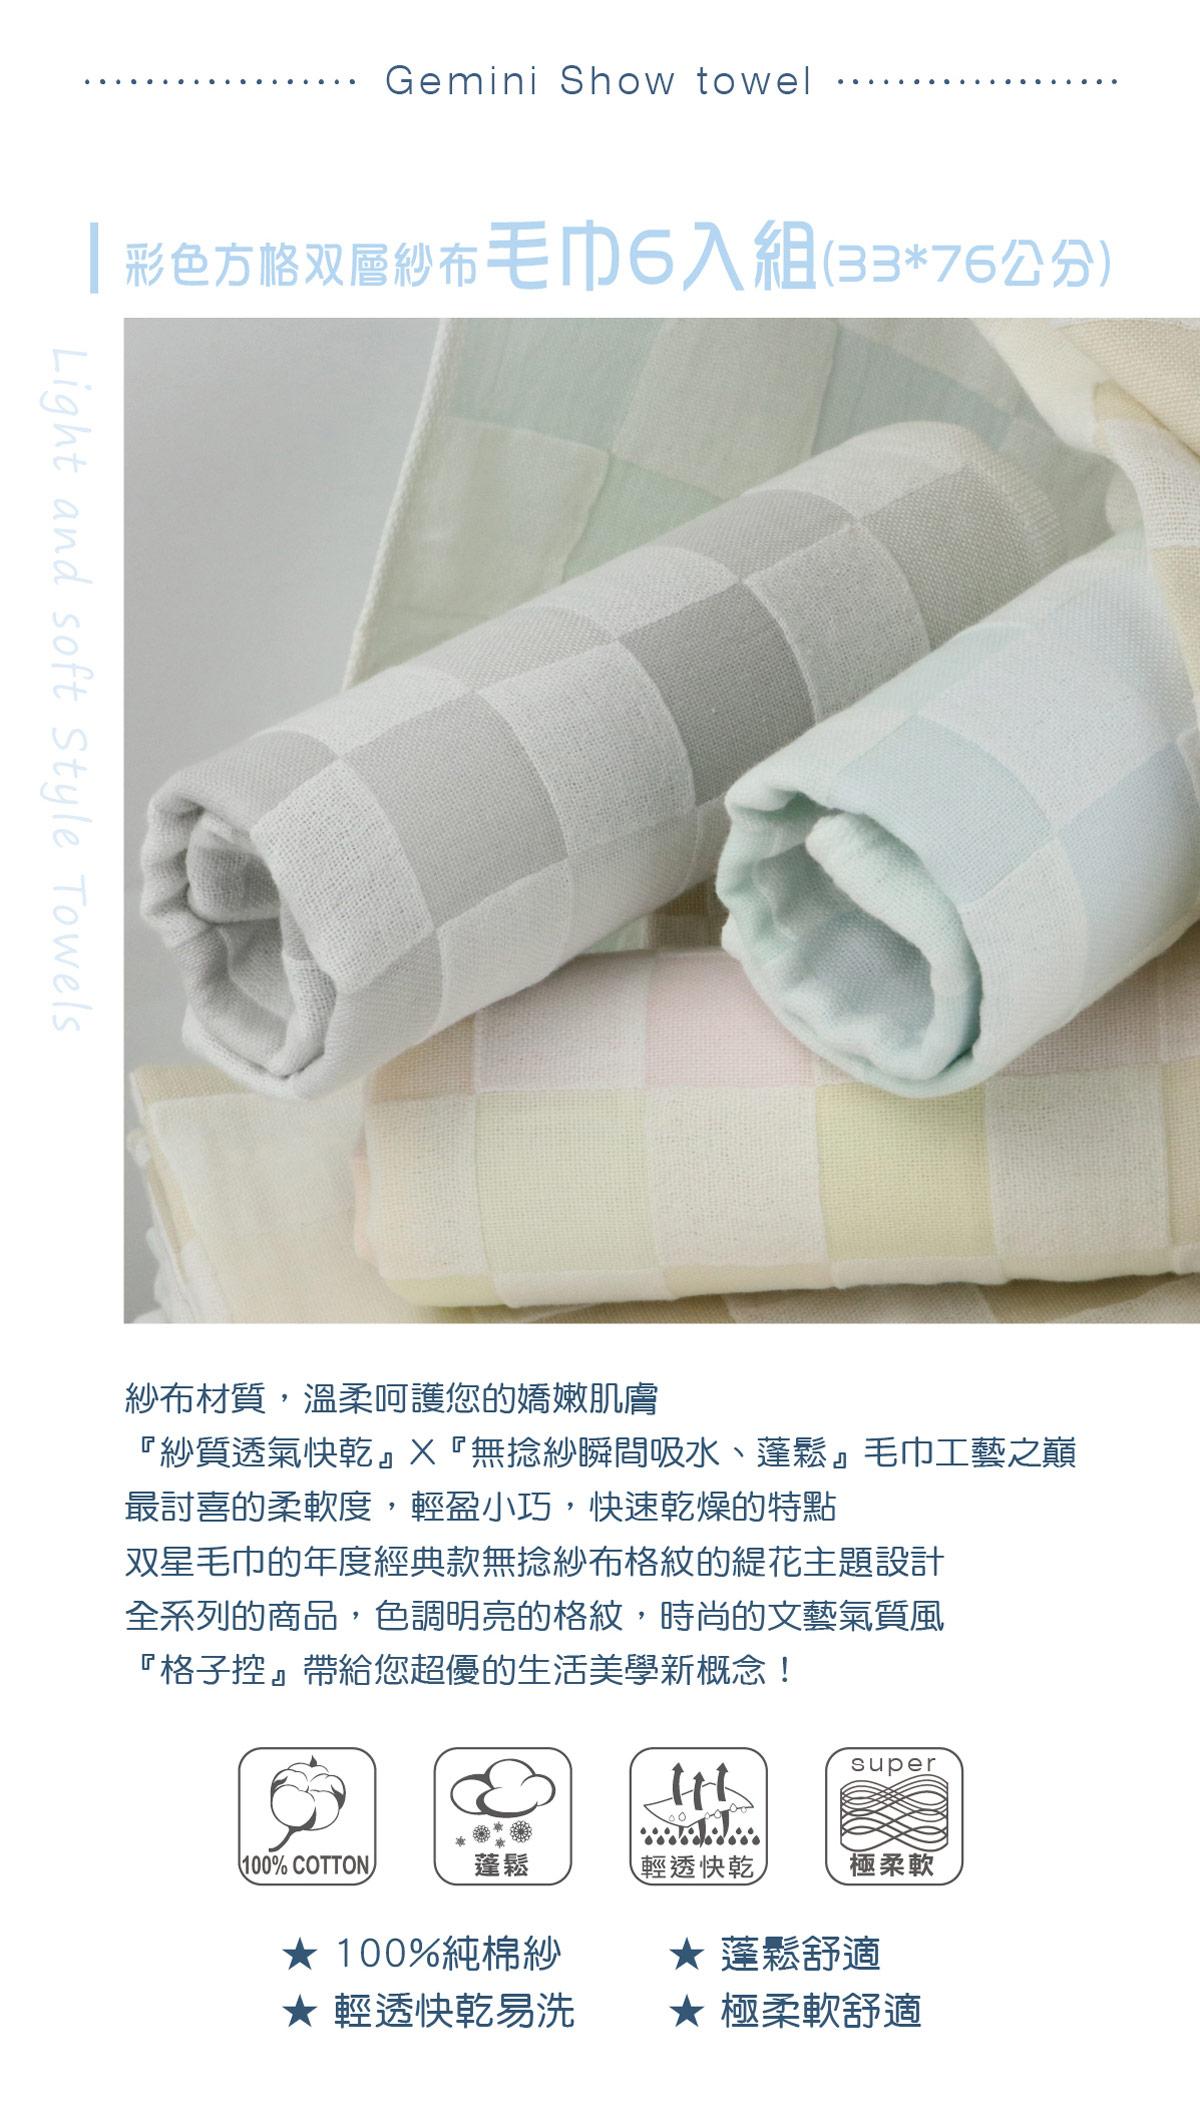 Gemini雙星毛巾彩色方格雙層紗布毛巾為紗布材質,輕透快乾易洗,蓬鬆舒適,極柔軟。